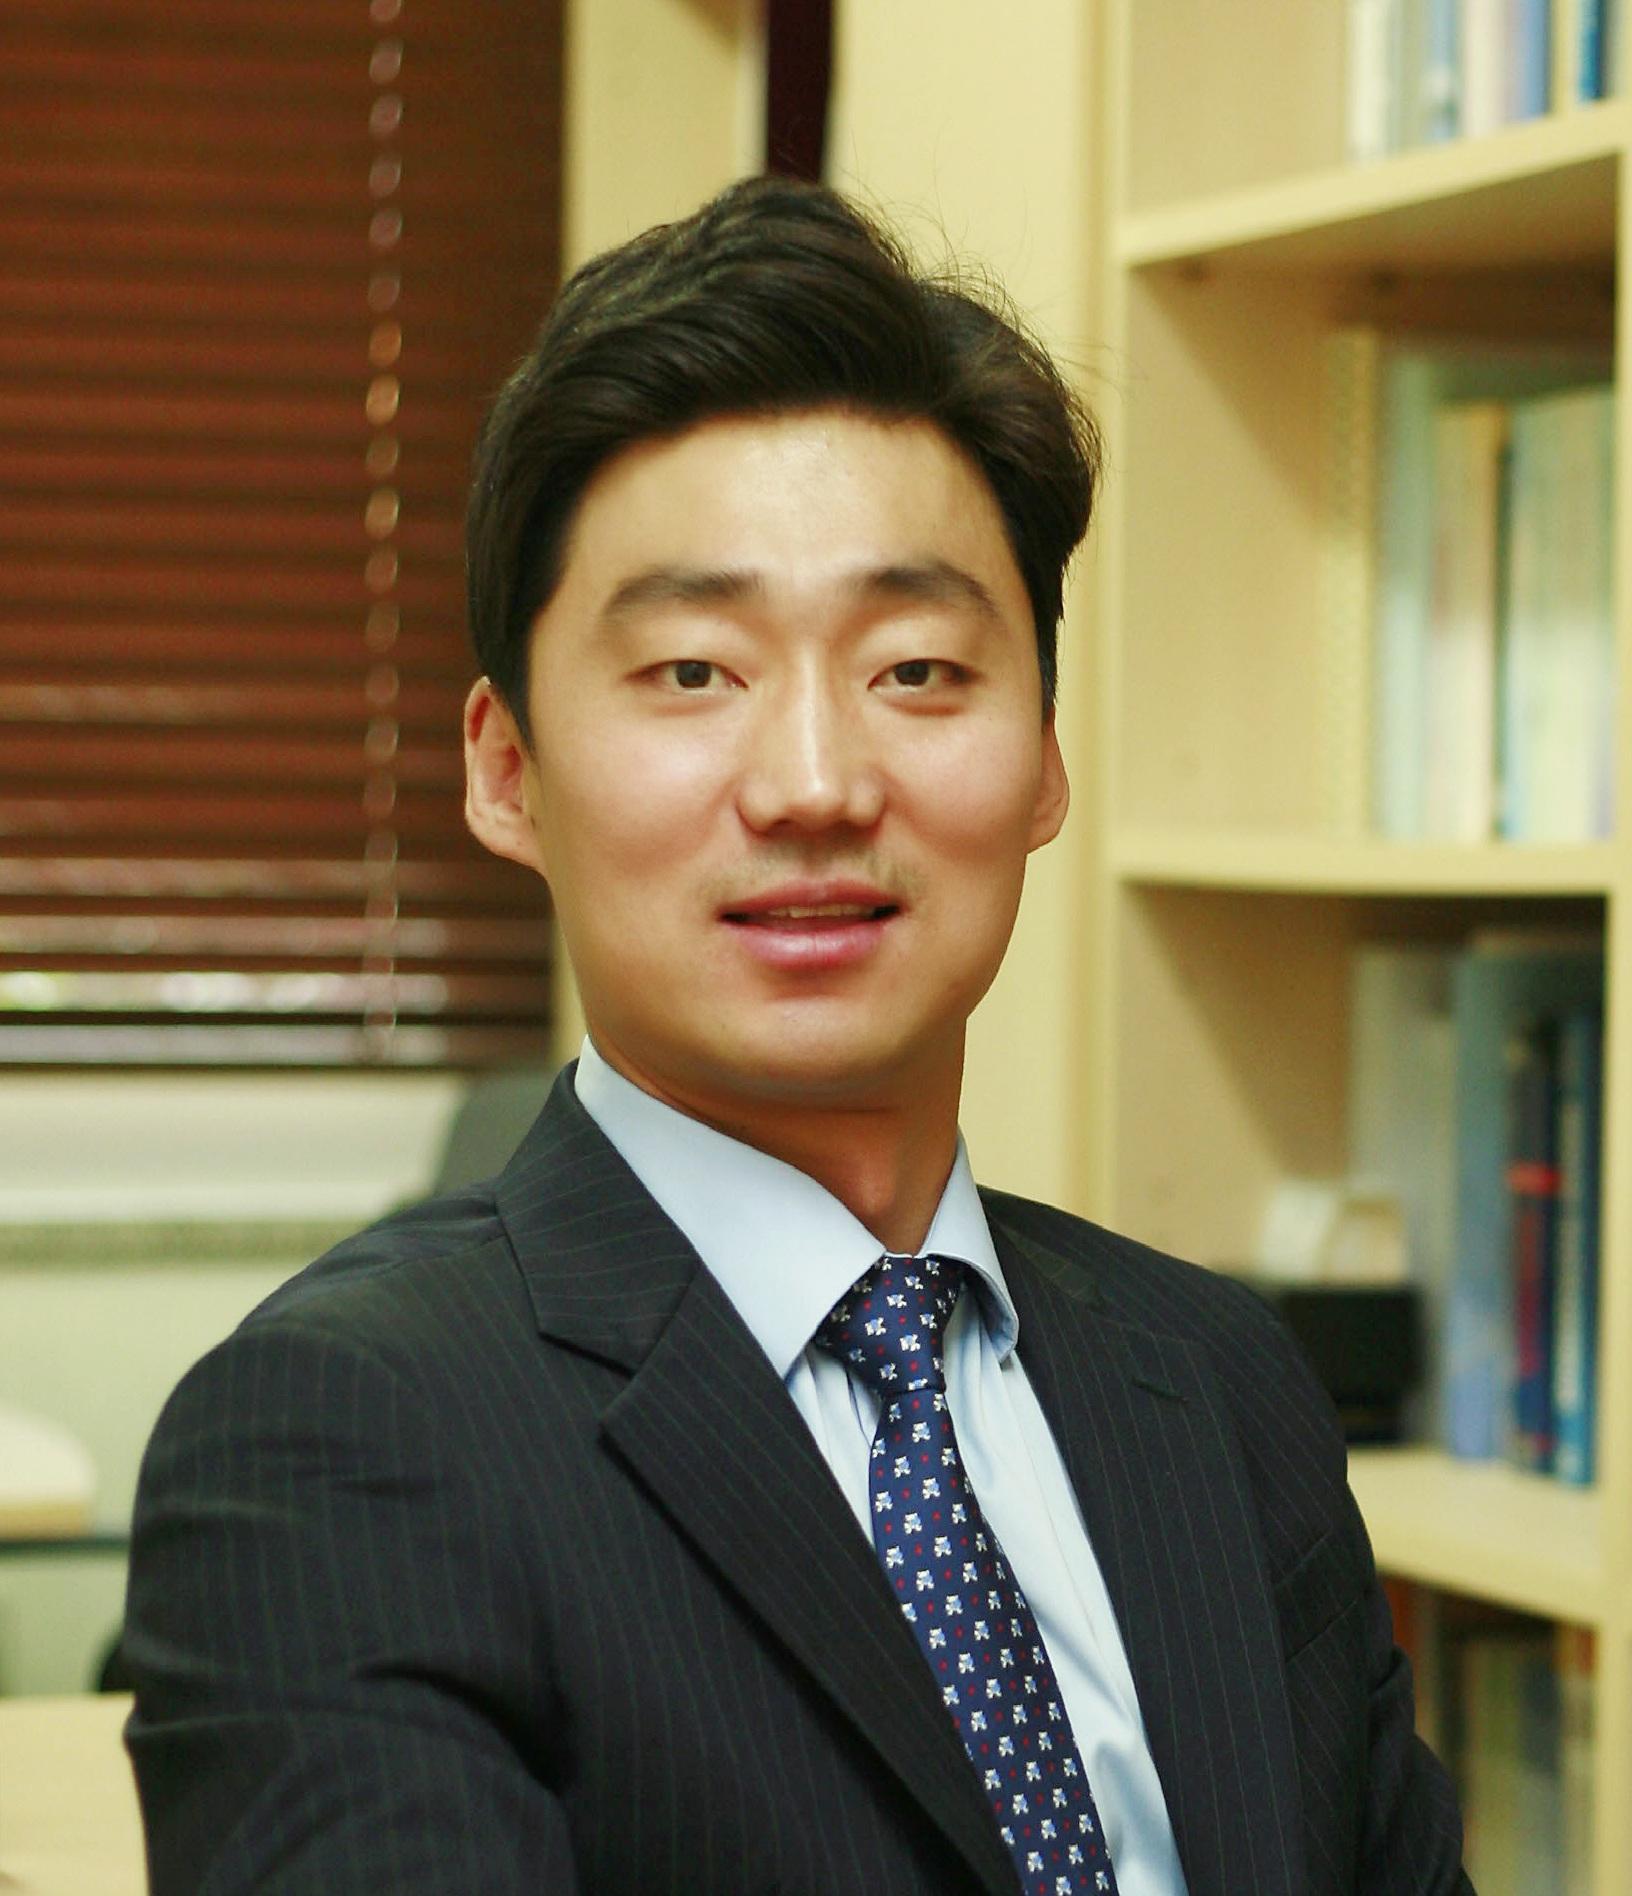 박승희 성균관대 교수, 행정안전부장관 표창 수여